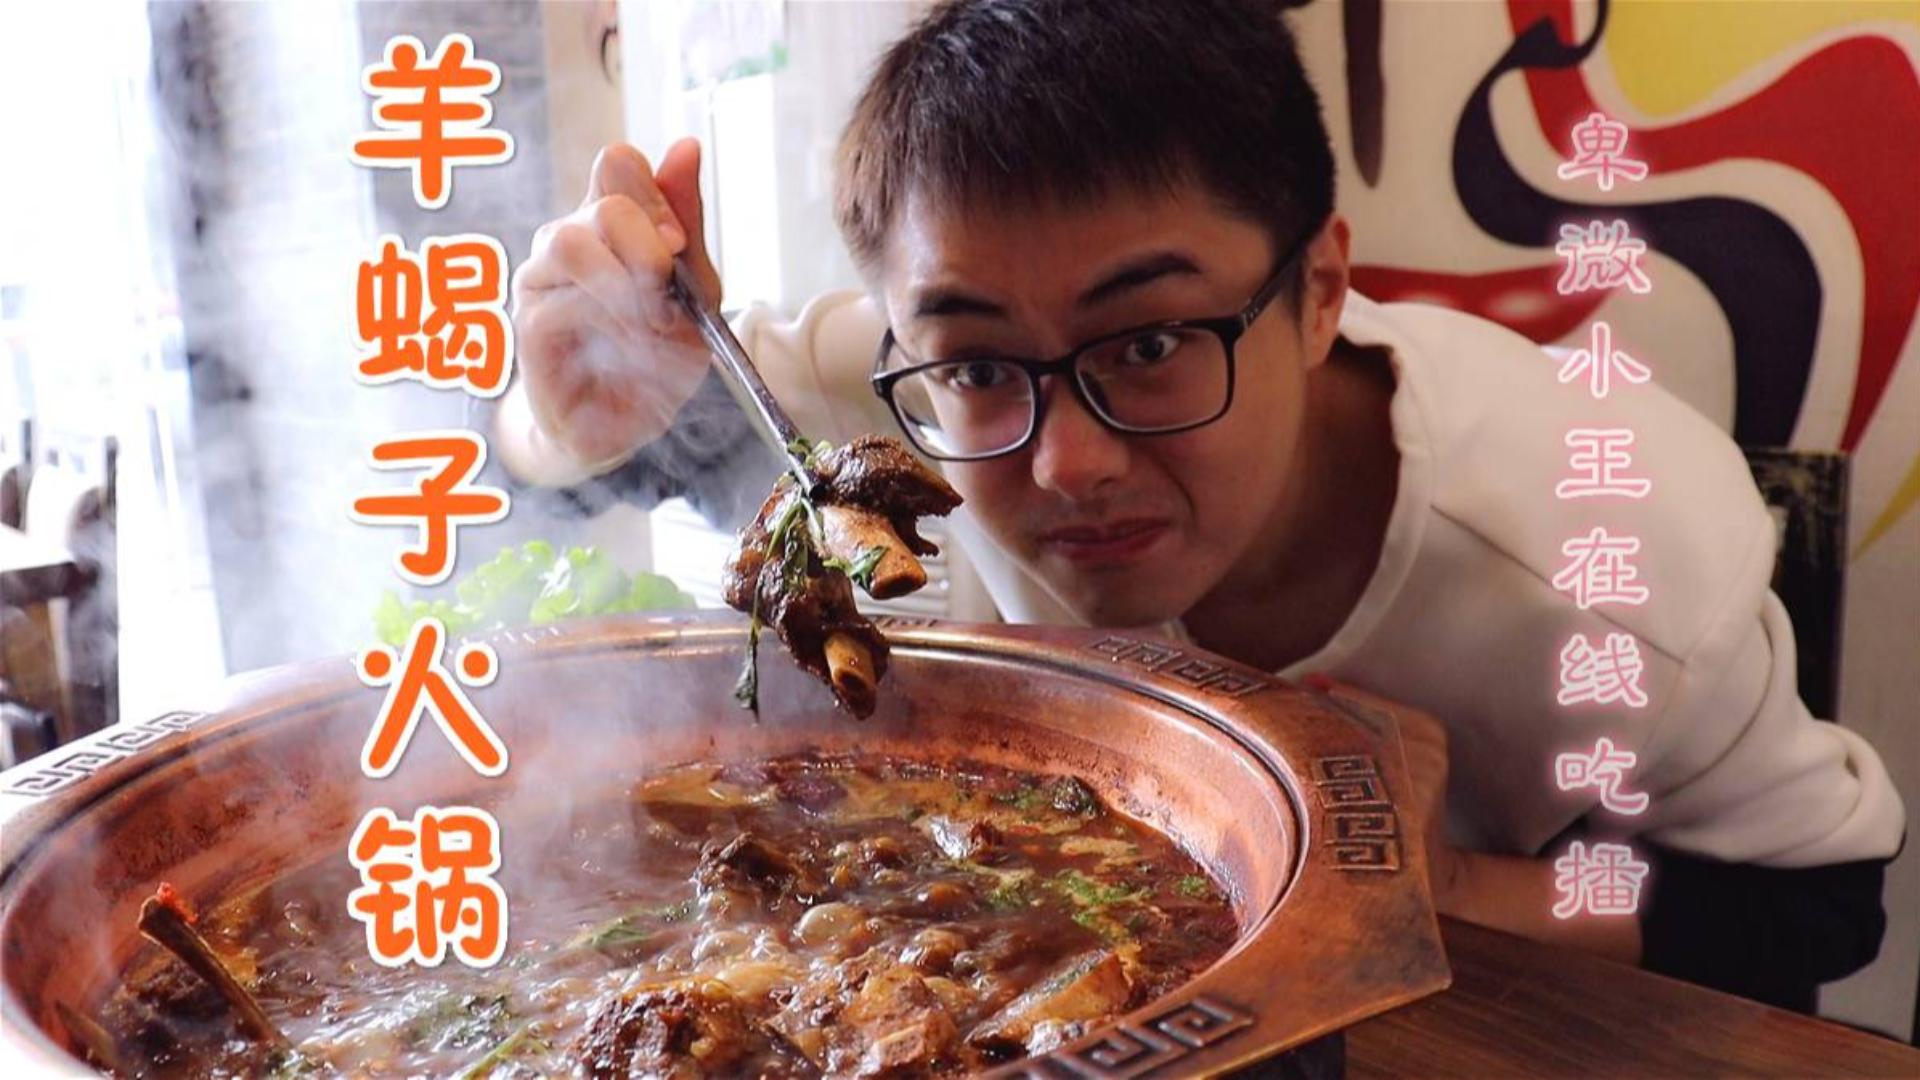 羊蝎子火锅有点sao,一口气3斤吃到饱,要问味道好不好?呱呱叫!